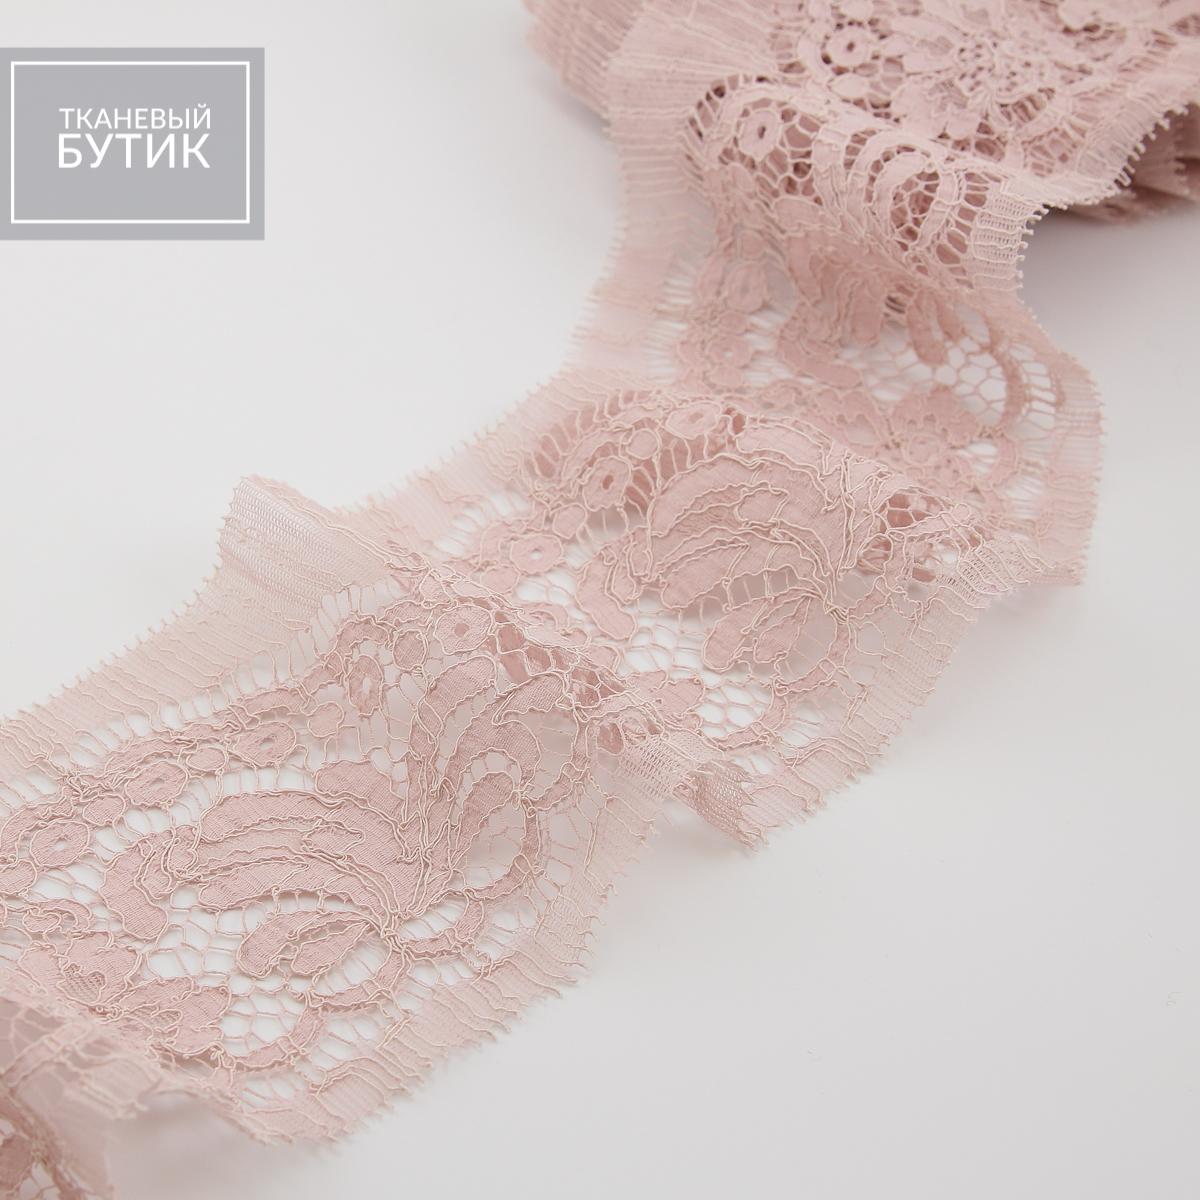 Античного розового цвета кордовое французское кружево в ленте